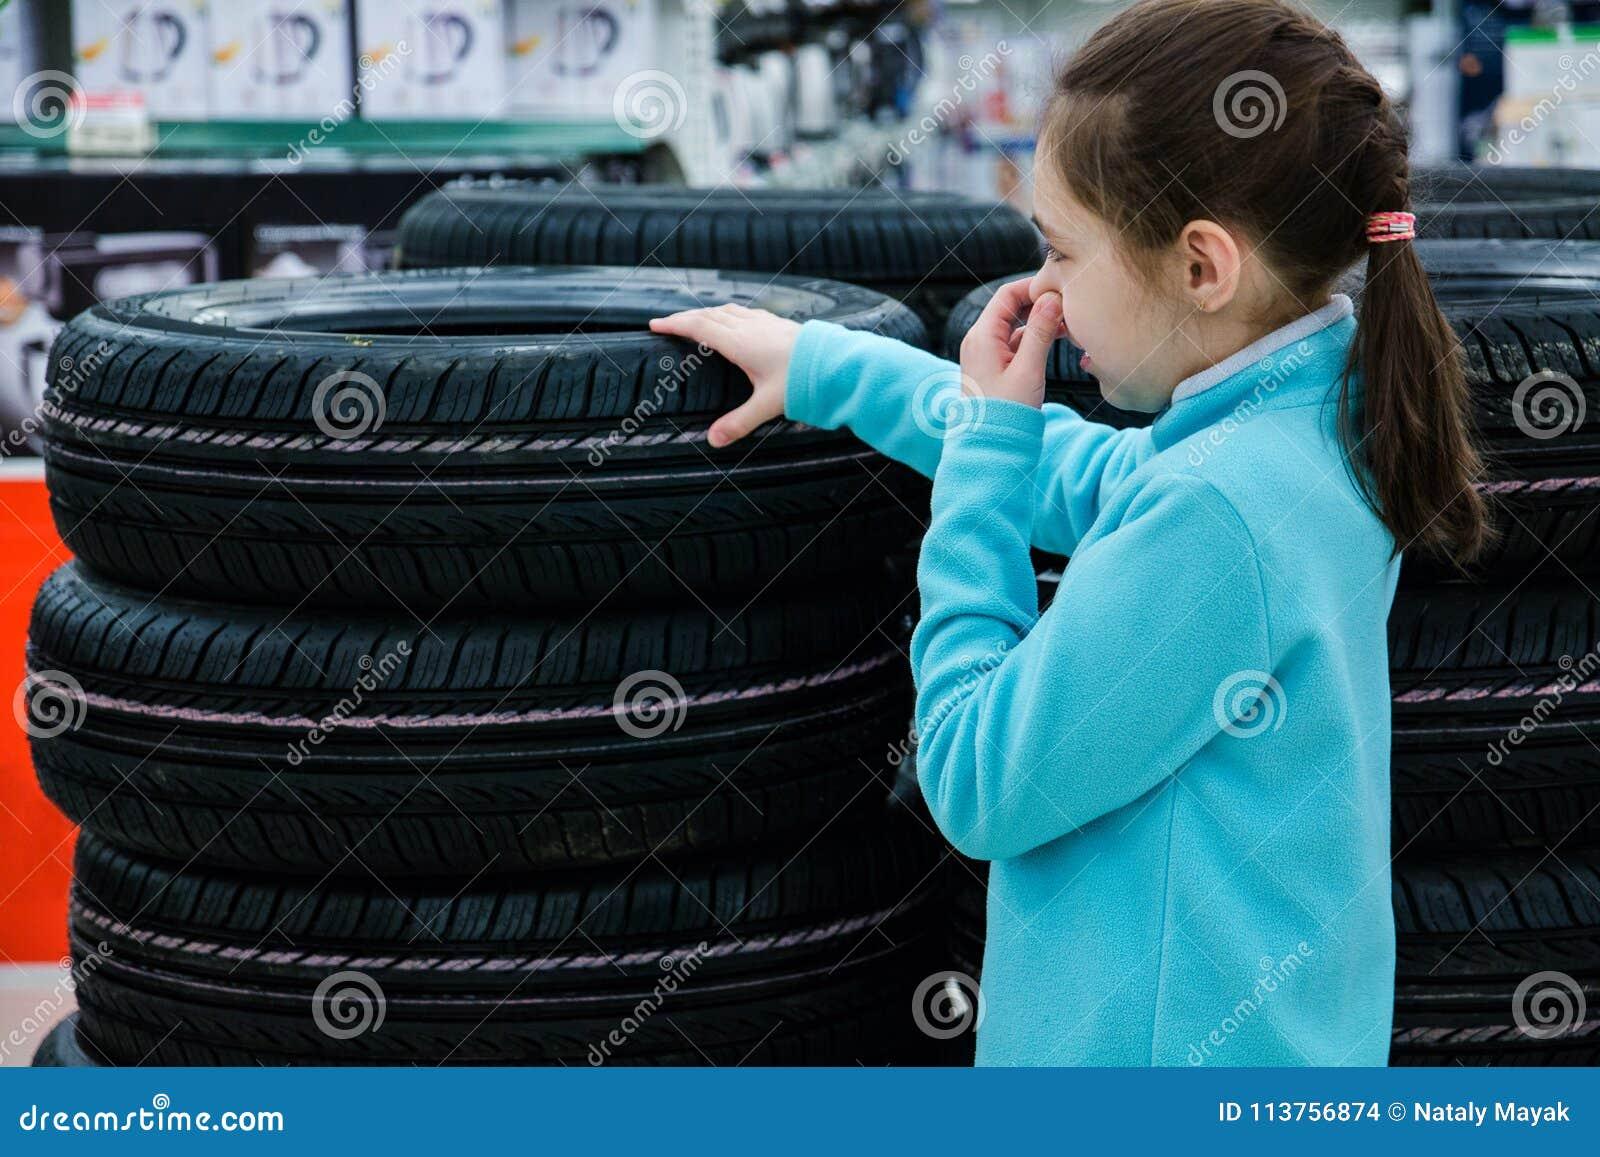 Het meisje sluit haar neus van de onplezierige geur van rubber, vermoeit op het winkelvenster voor verkoop